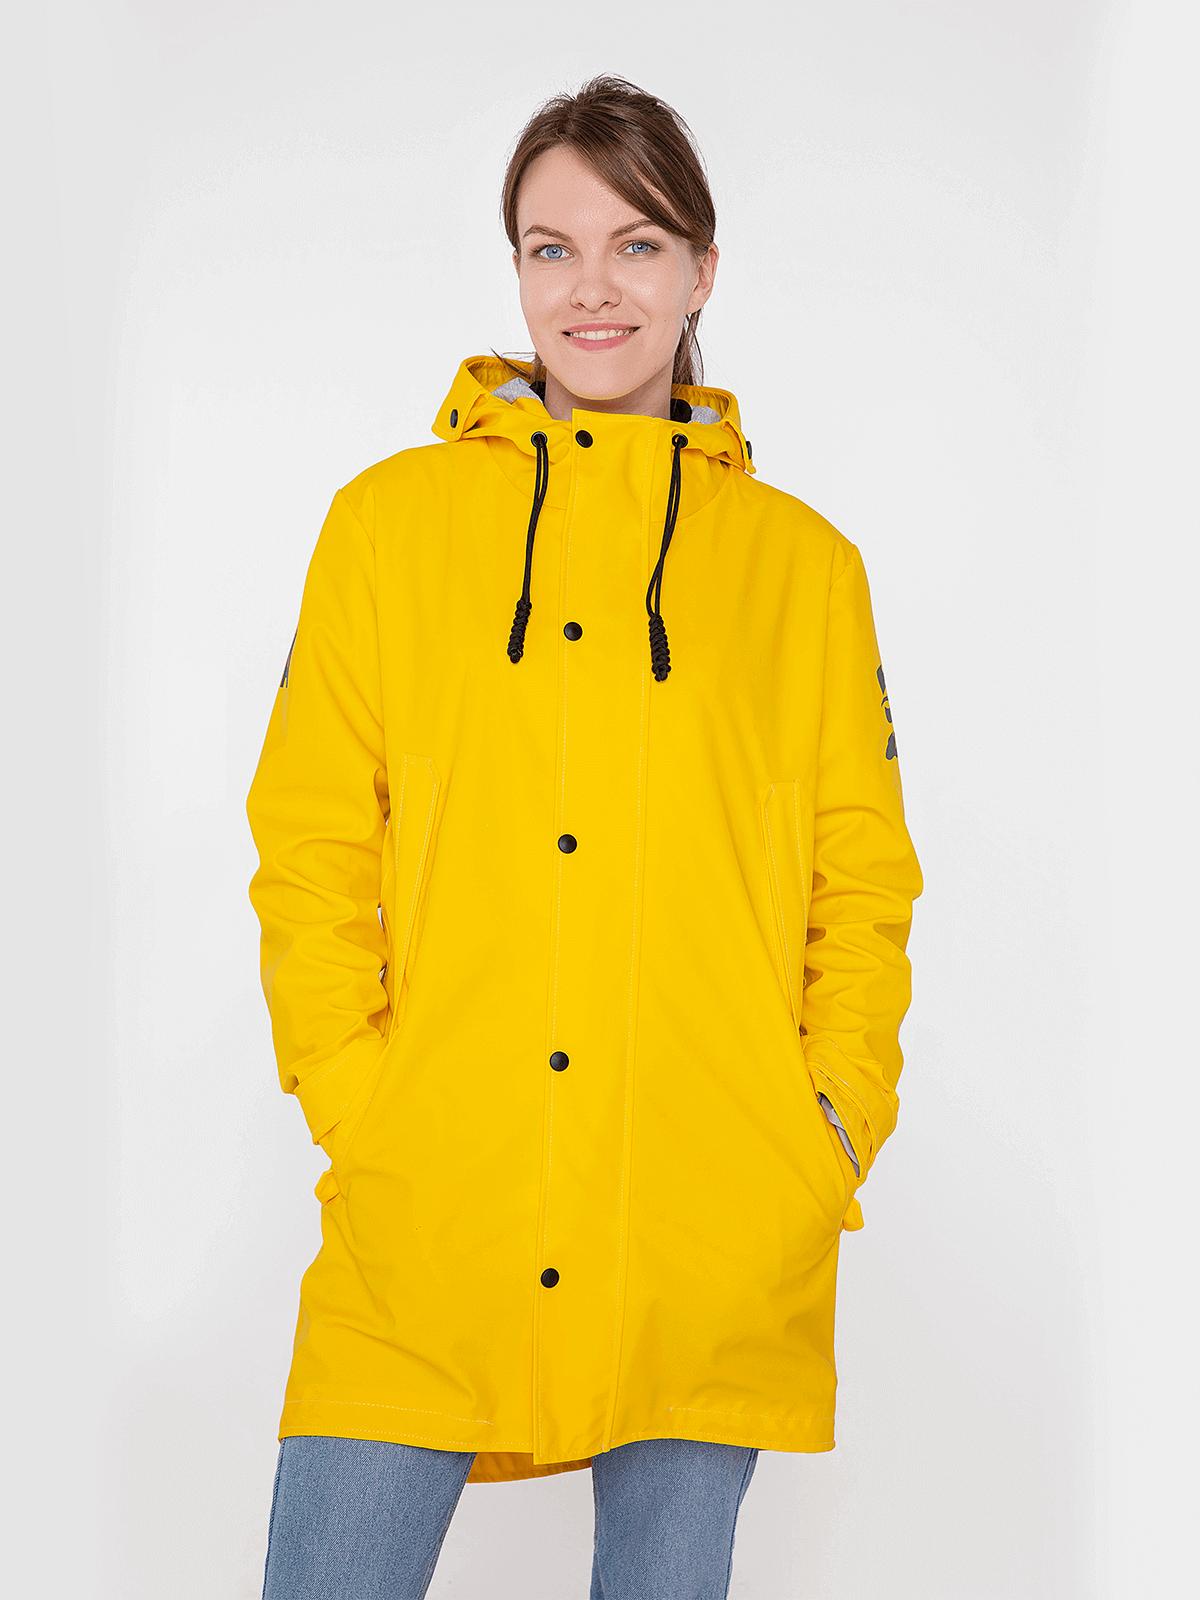 Жіночий Дощовик From Lviv With Rain. Колір жовтий. Зовнішній матеріал: основна - поліефір 100%, покриття - ПВХ-100%, водонепроникність 1500 г/м2/24 год, стійкий до ультрафіолету, зносостійкий.